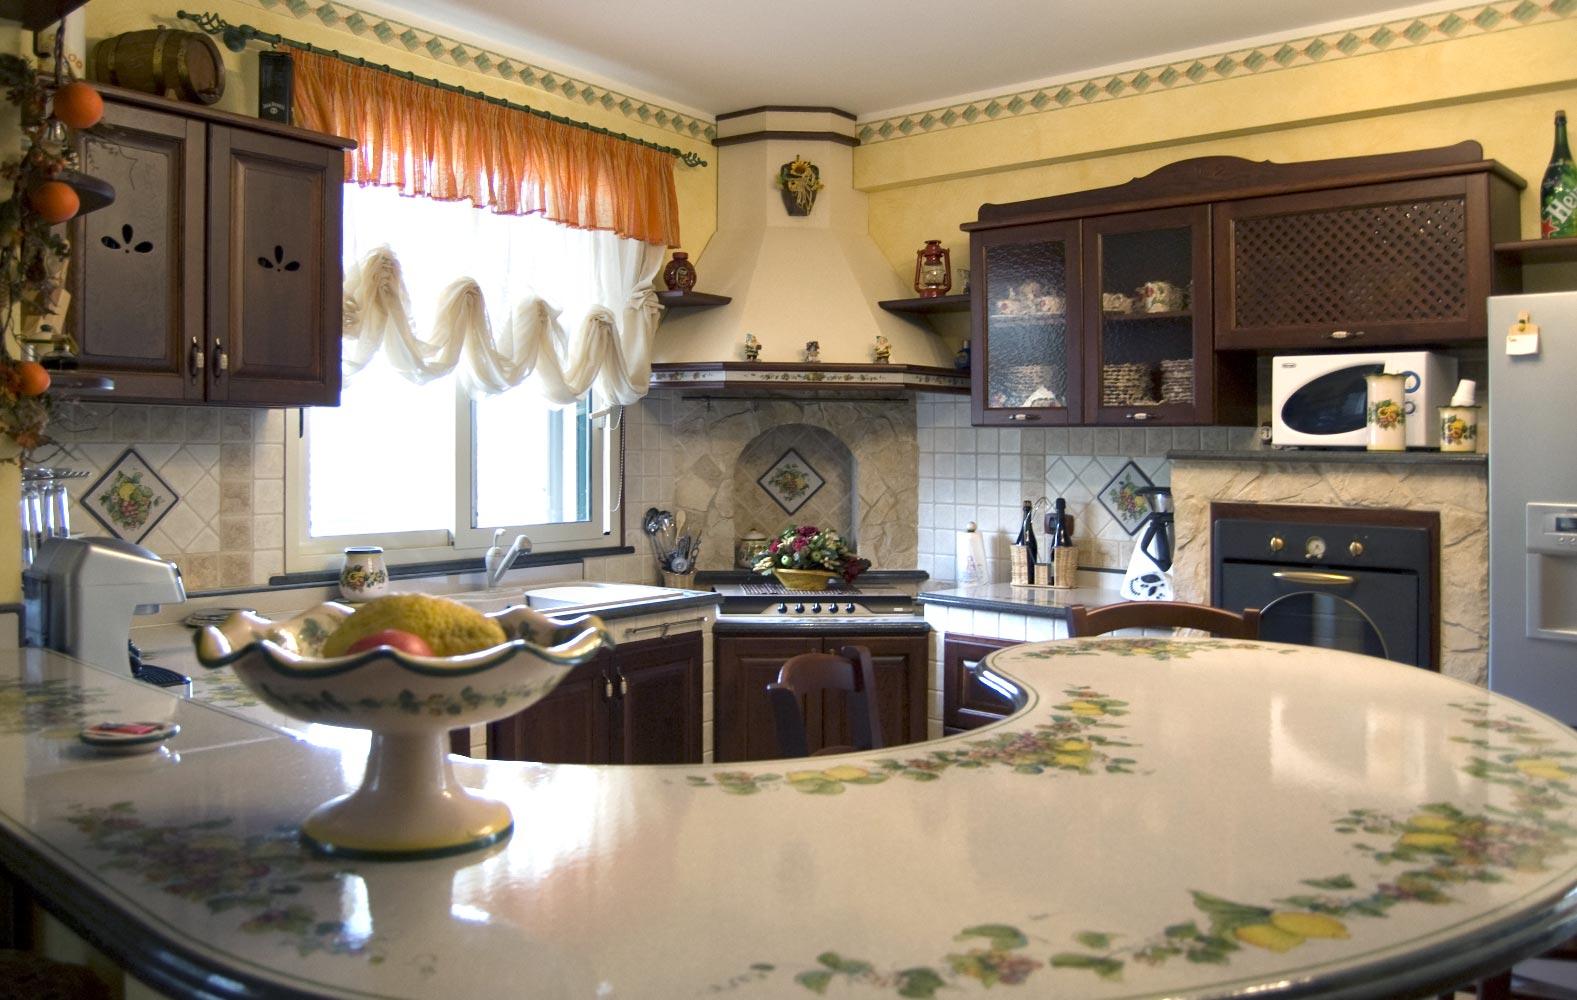 Cucine ecologiche cucine in finta muratura modello vecchio frantoio - Isola cucina in muratura ...